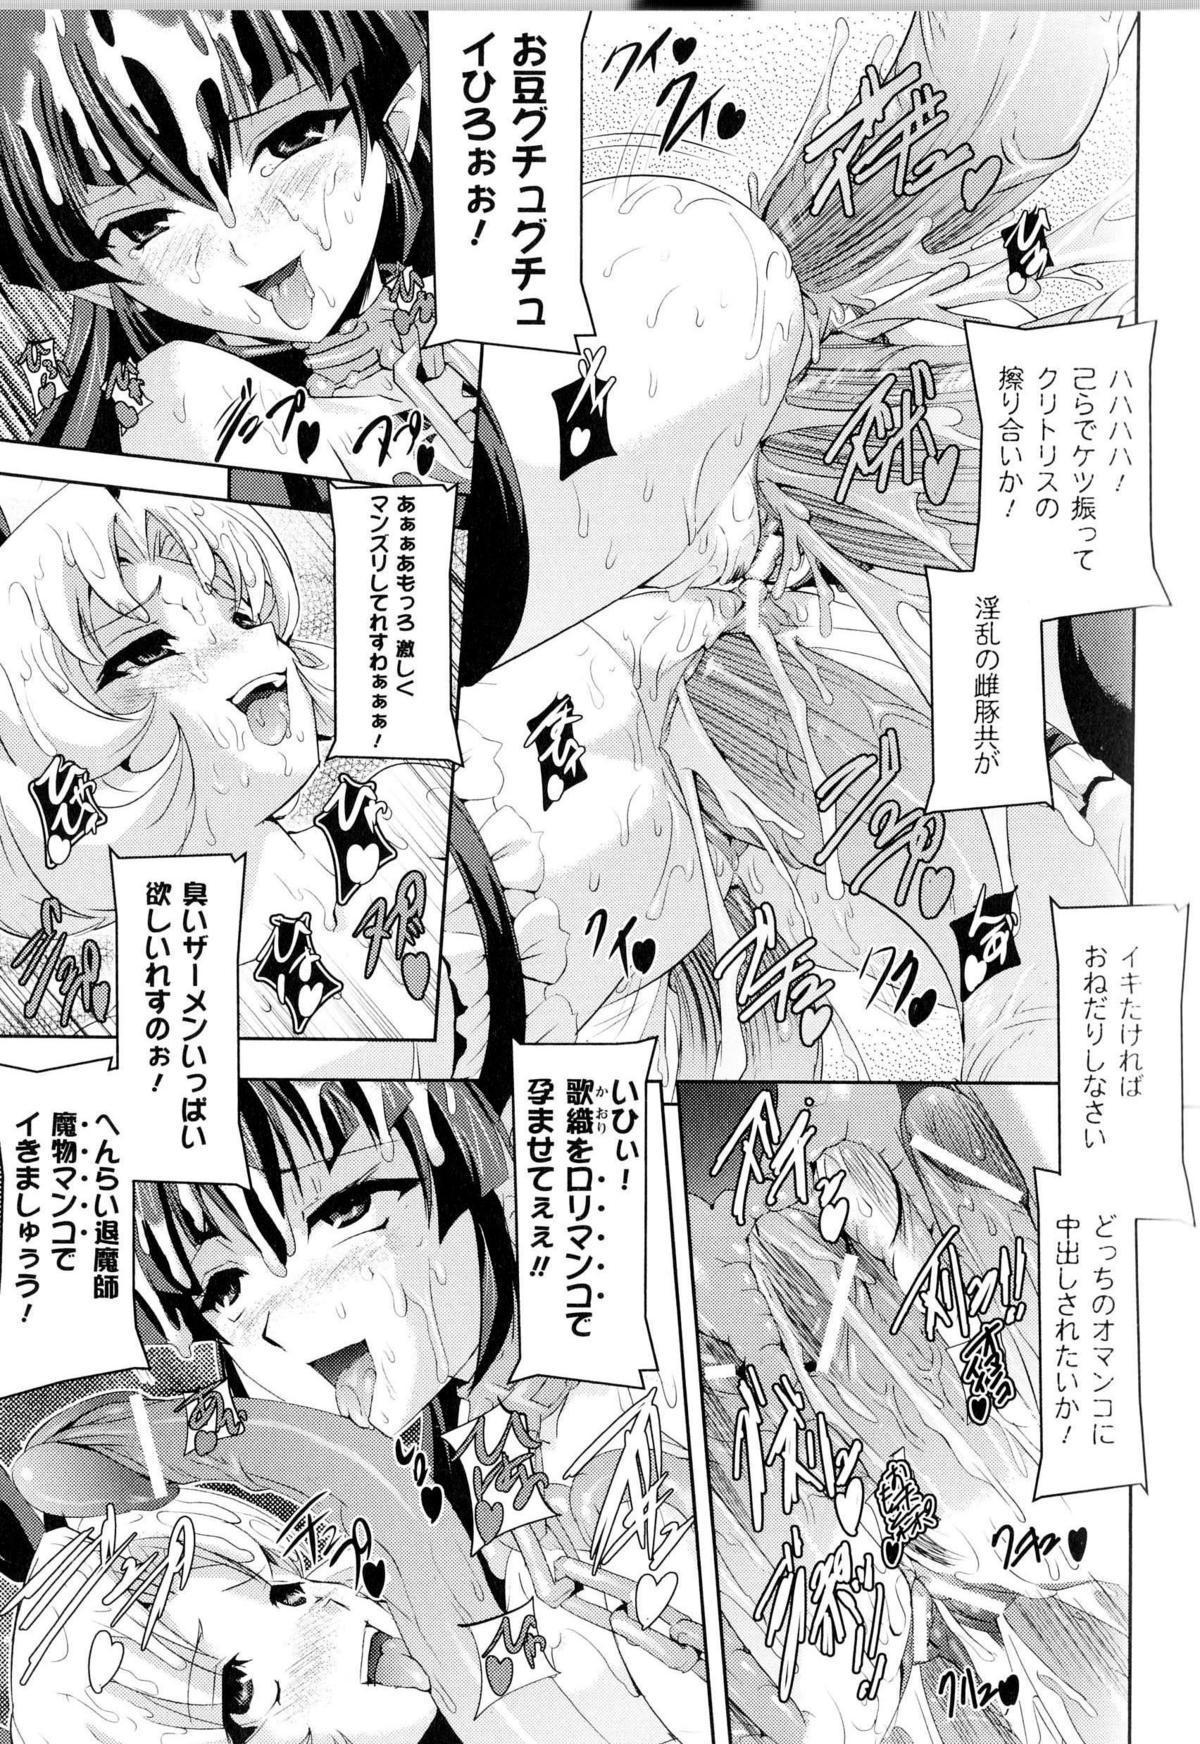 Toushin Engi Vol.14 39